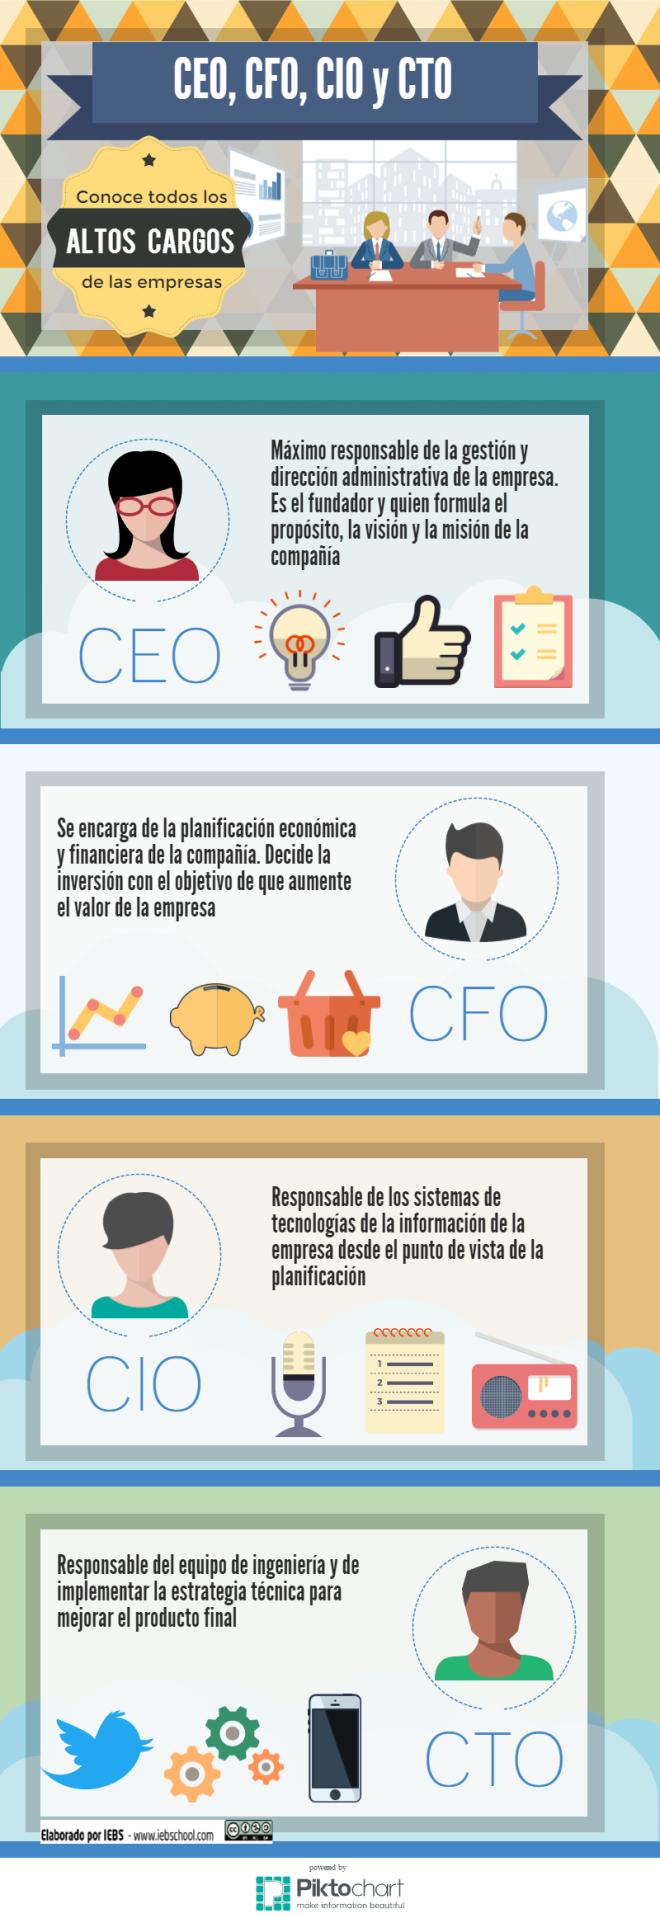 ¿Sabes que significan las siglas CEO - CFO - CIO - CTO?